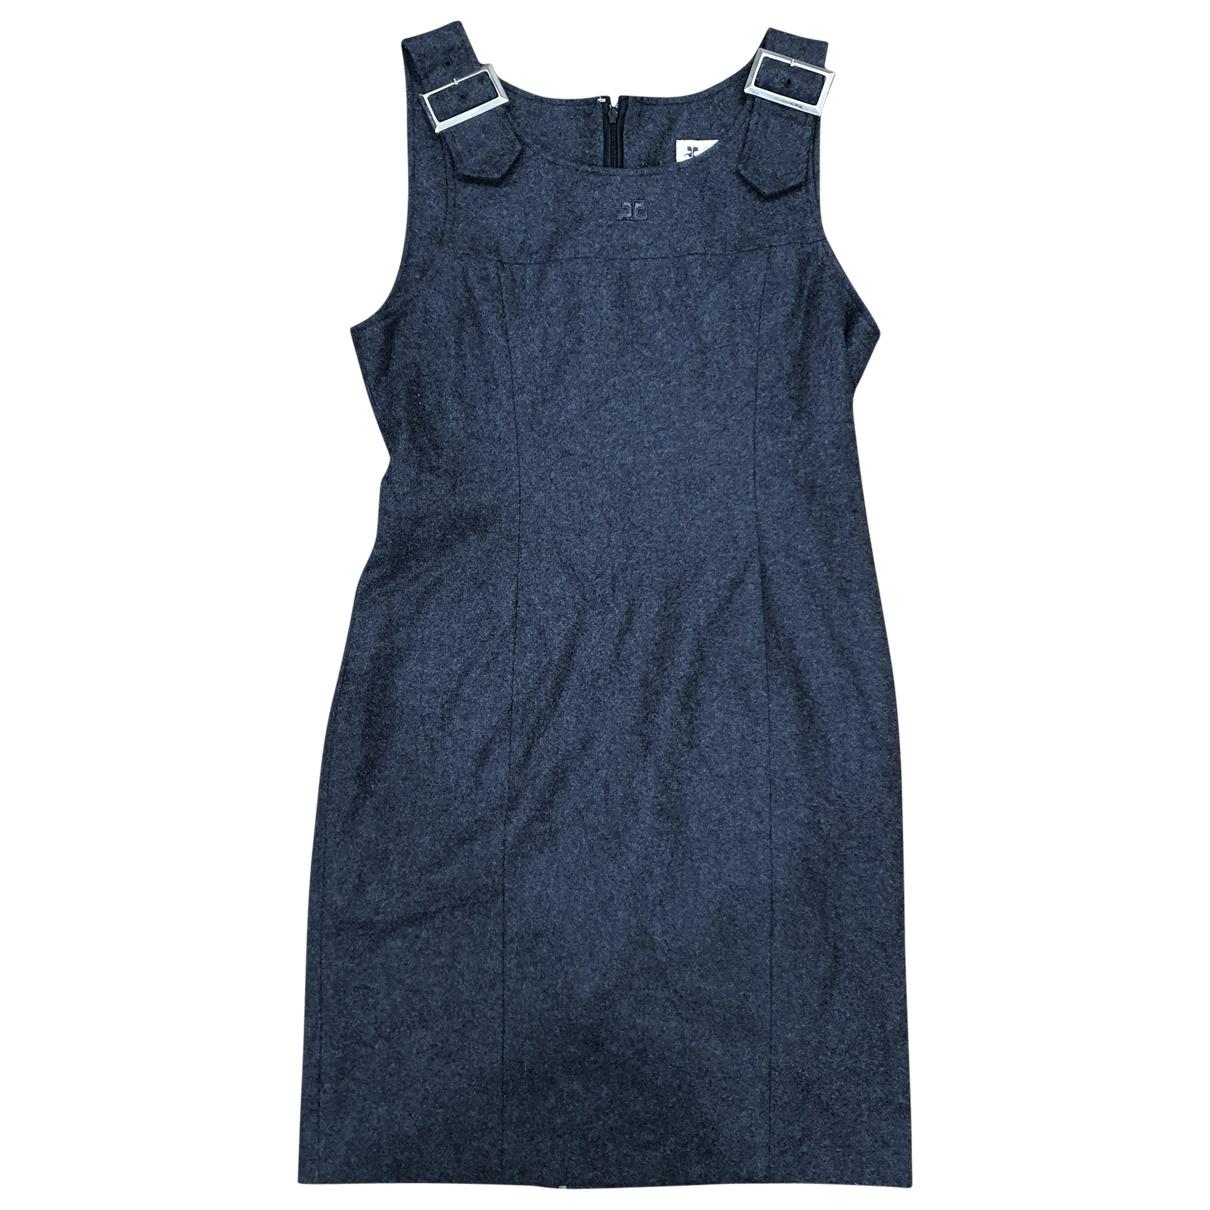 Courreges \N Kleid in  Grau Wolle